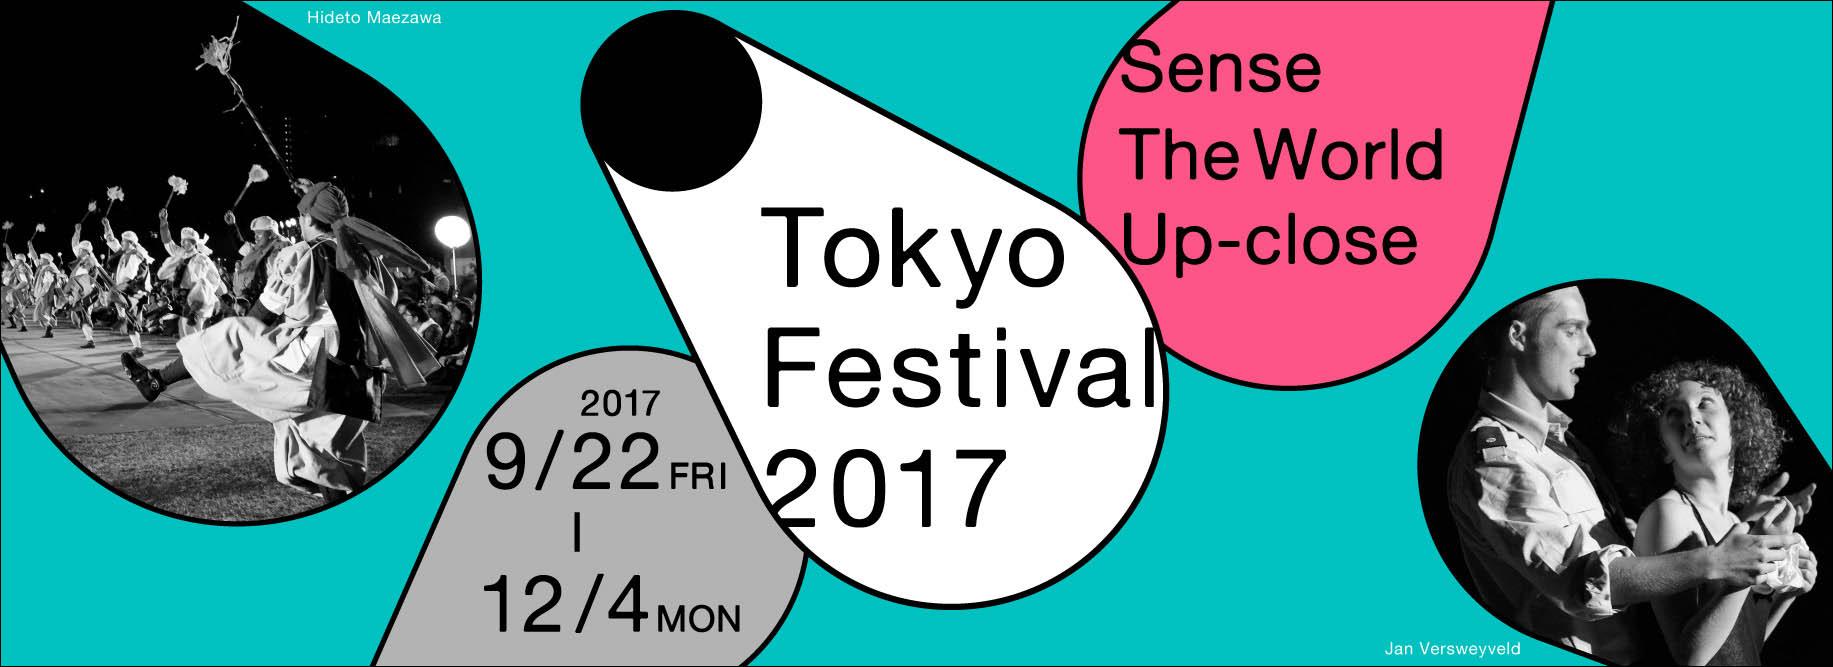 Tokyo Festival 2017